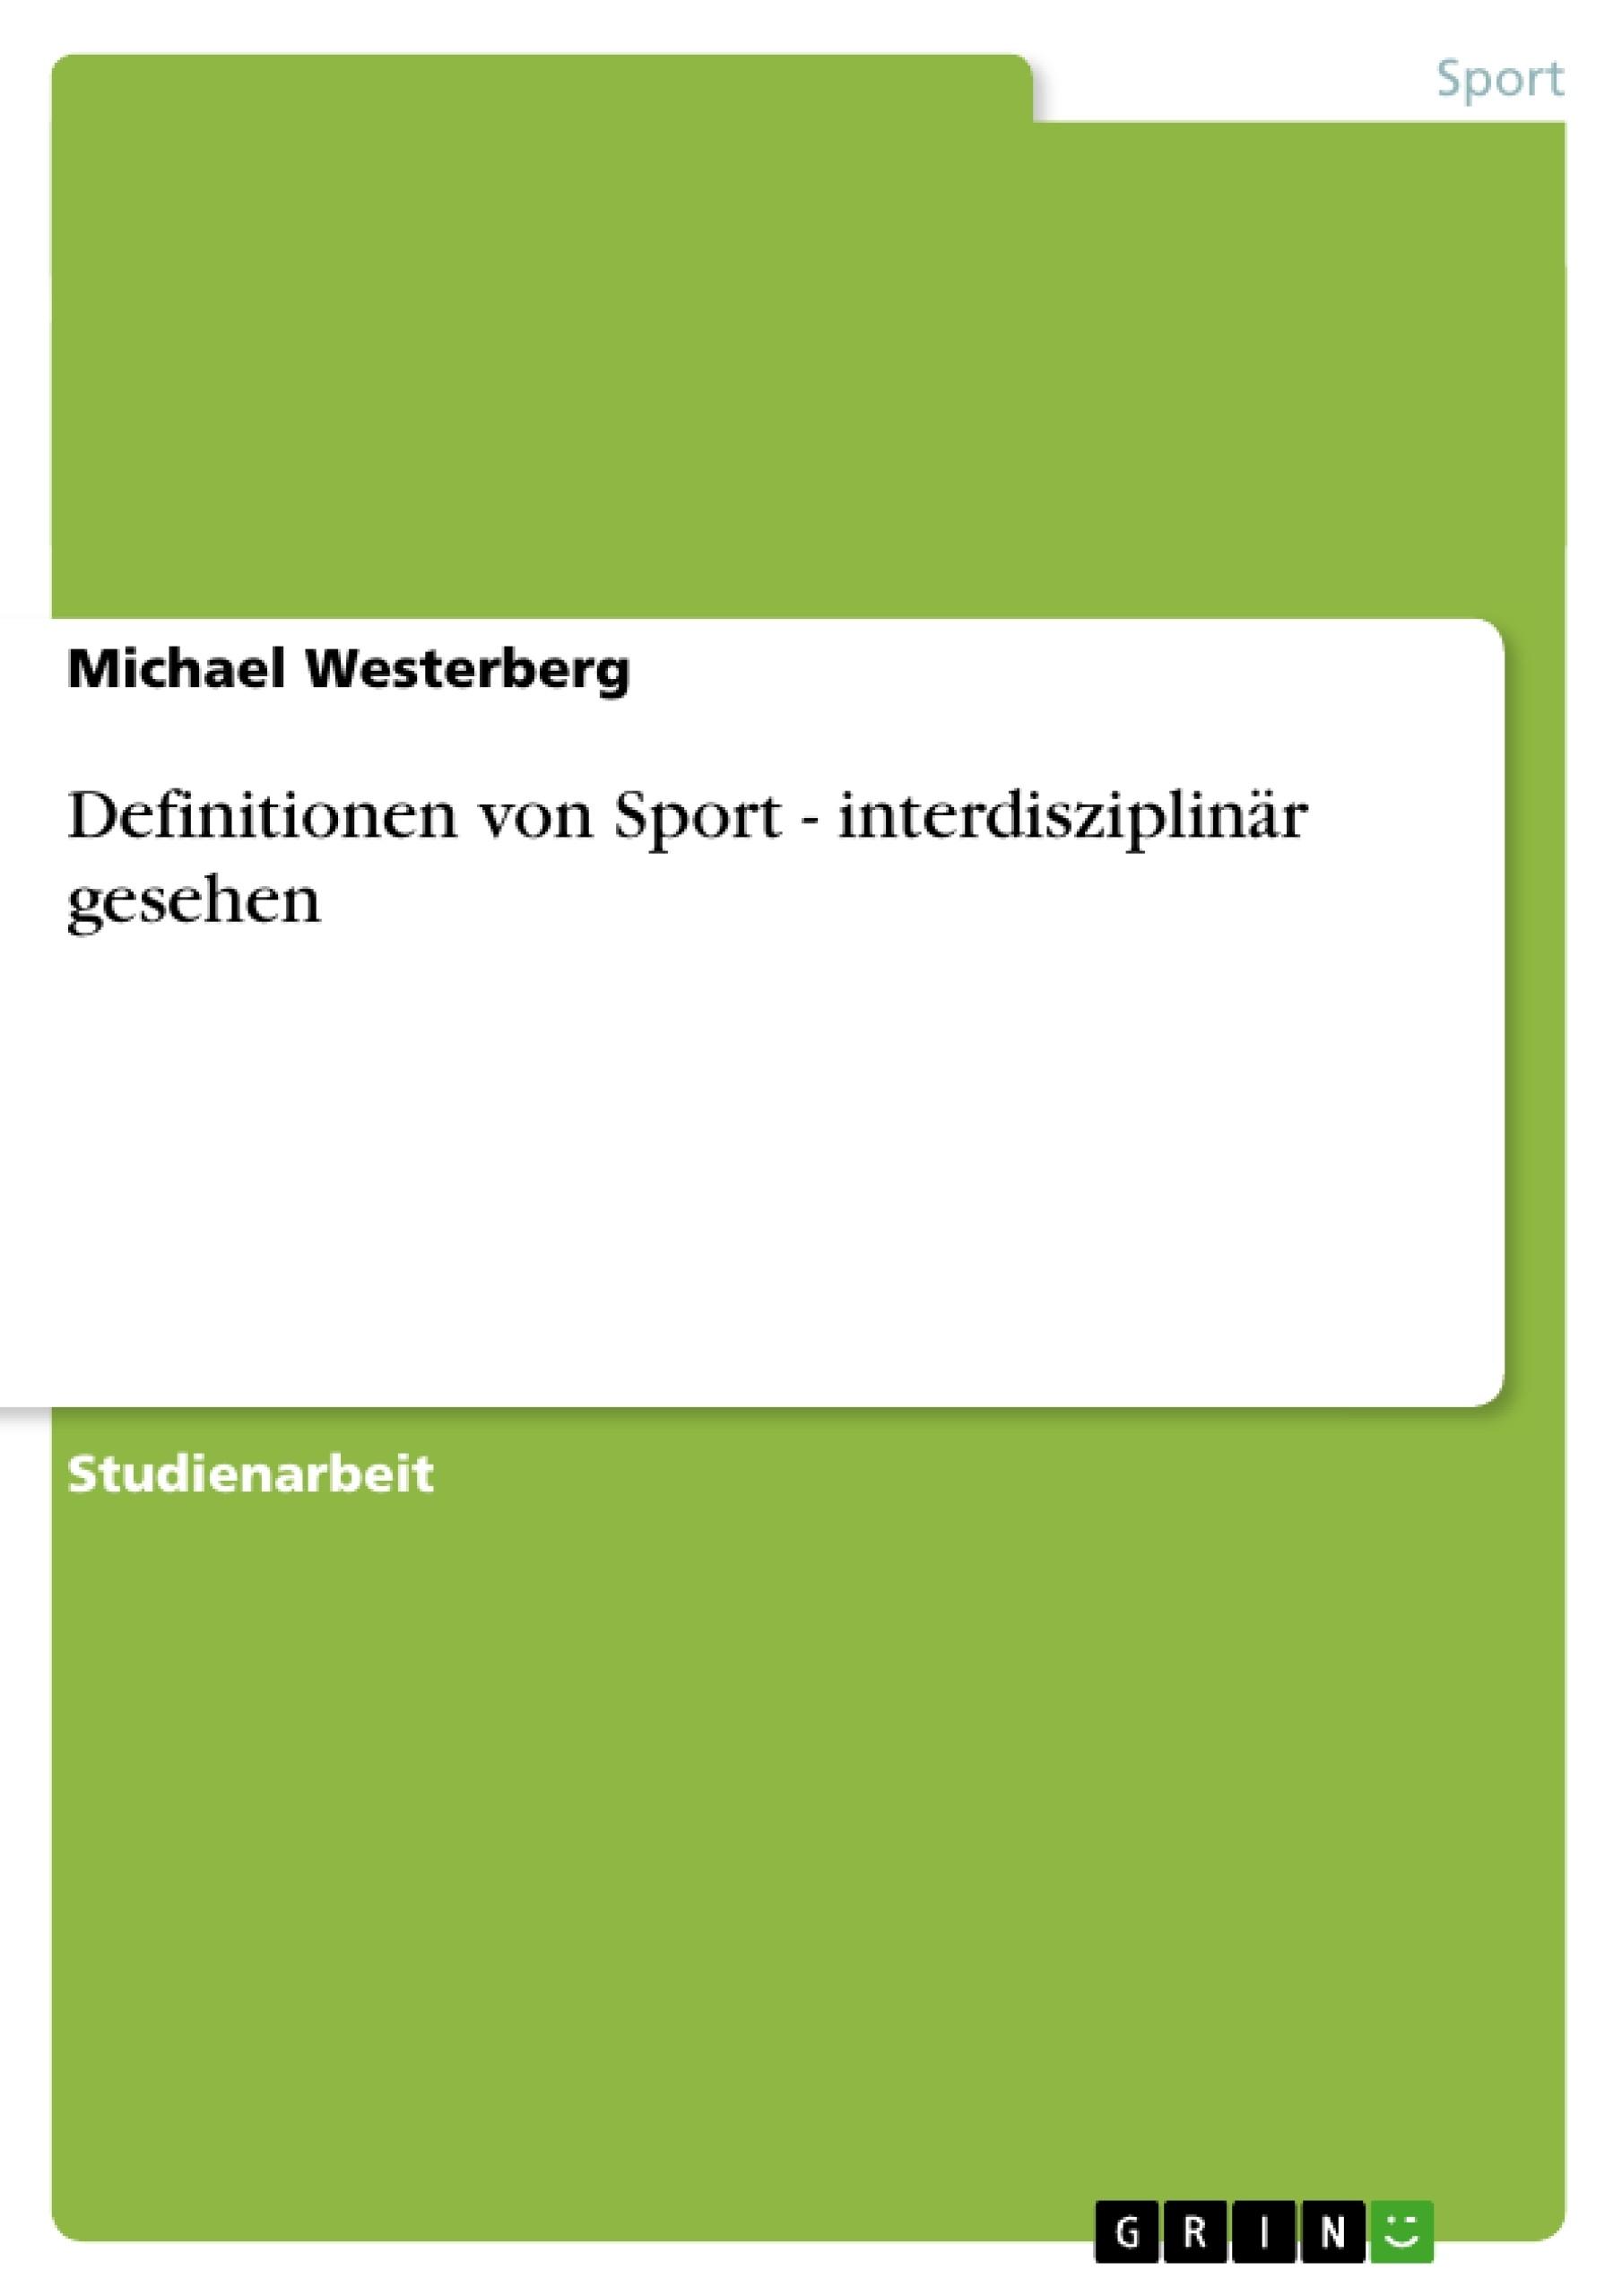 Titel: Definitionen von Sport  - interdisziplinär gesehen